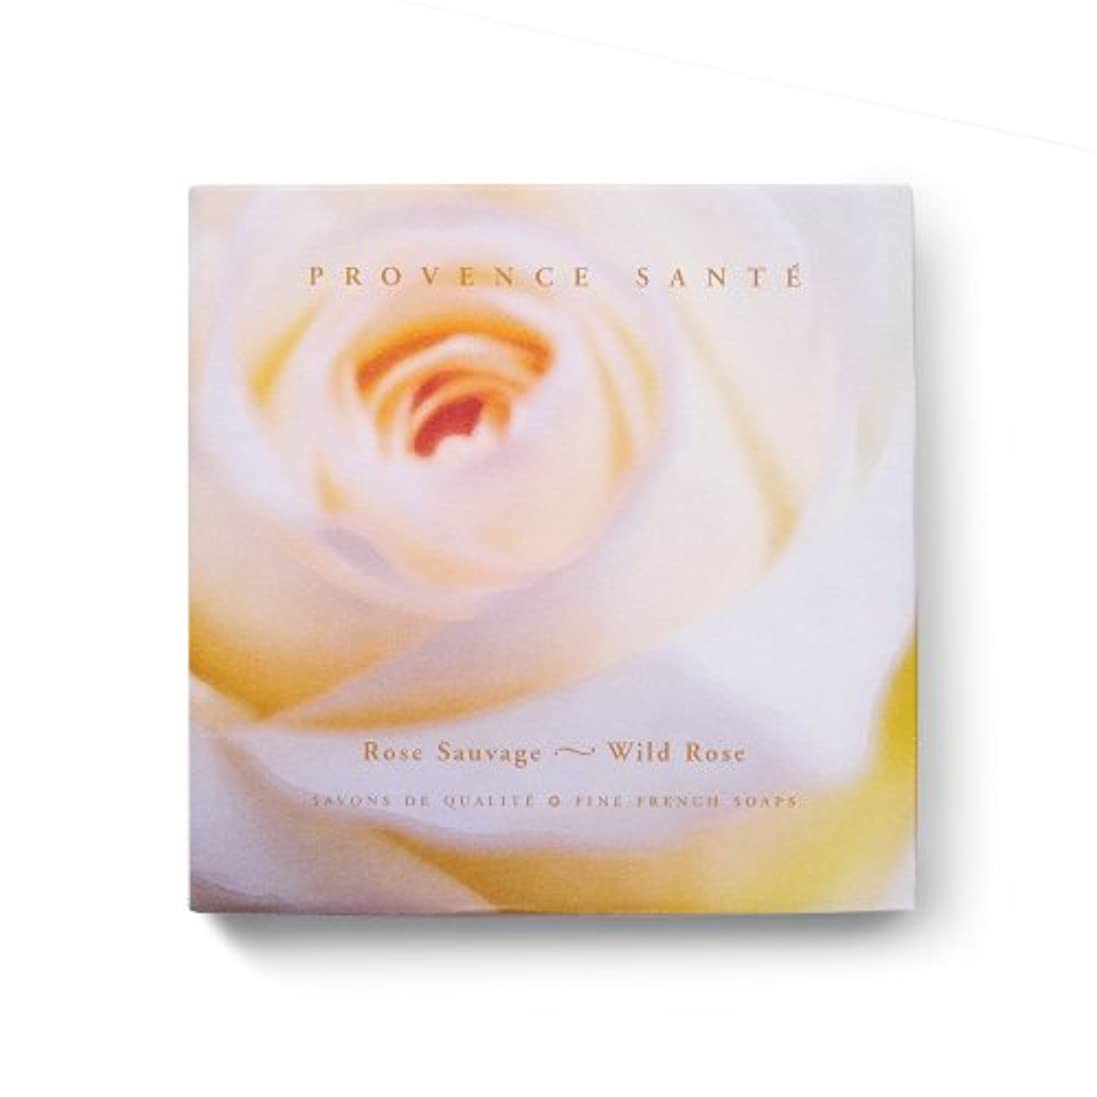 浴室実際事実Provence Sante PS Gift Soap Wild Rose, 2.7oz 4 Bar Gift Box by Provence Sante [並行輸入品]